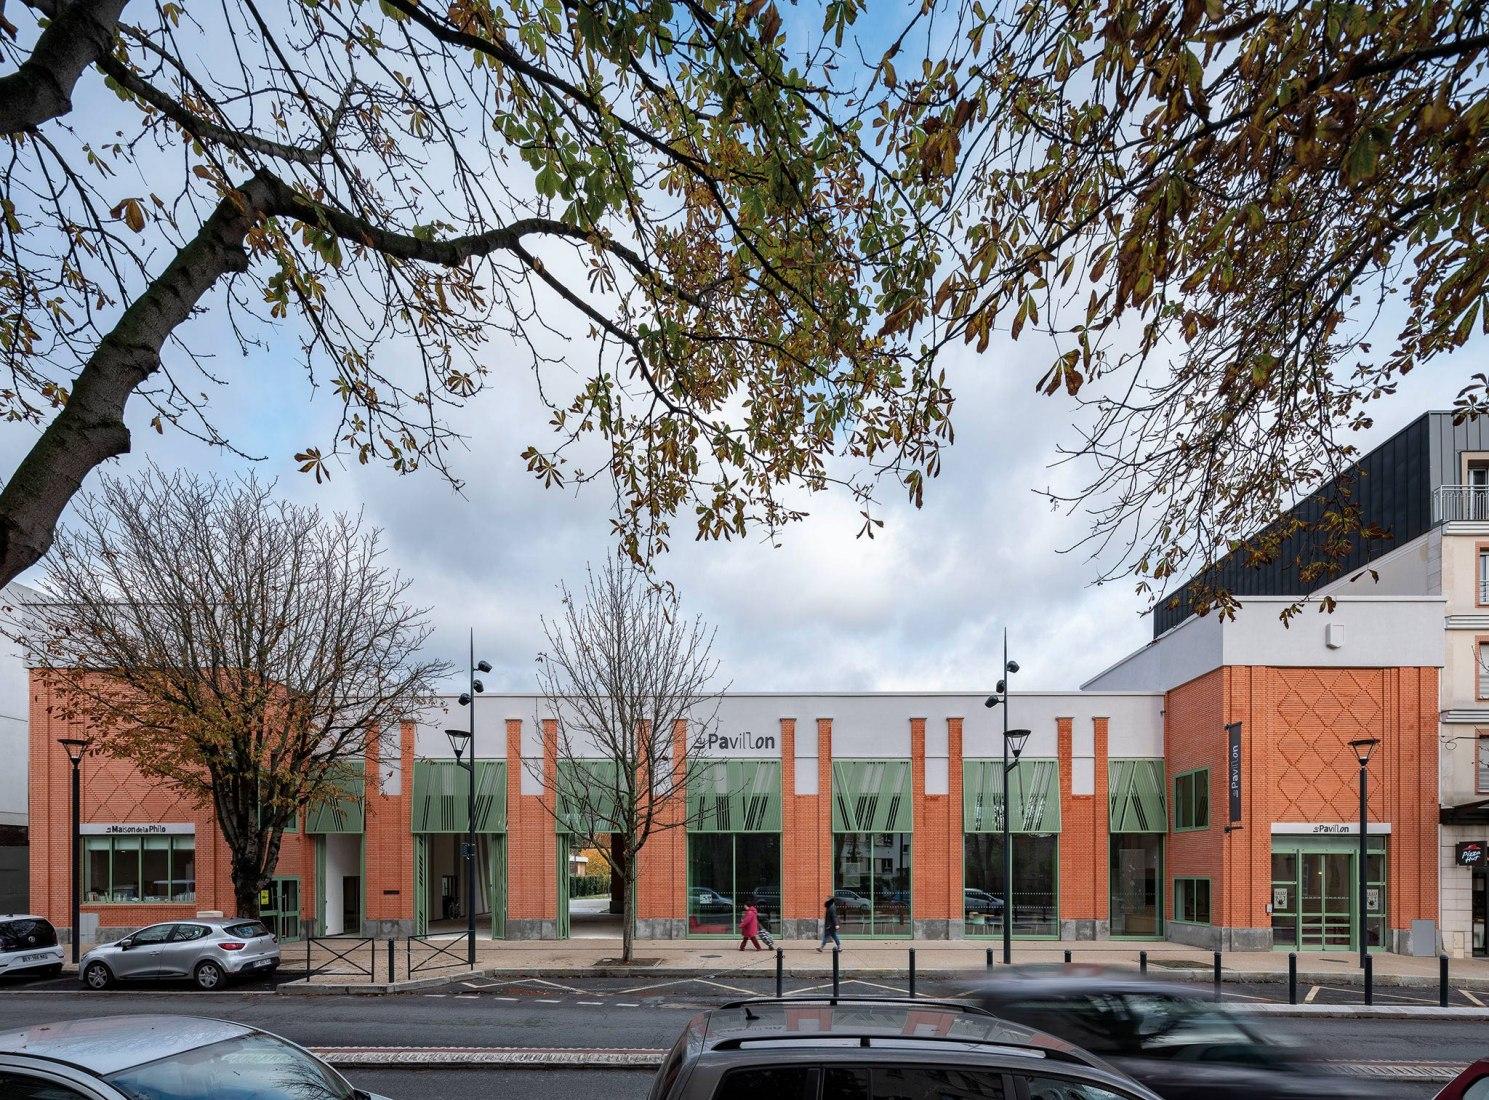 Le Pavillon por Miralles Tagliabue EMBT y Ilimelgo architectes. Fotografía por Duccio Malagamba